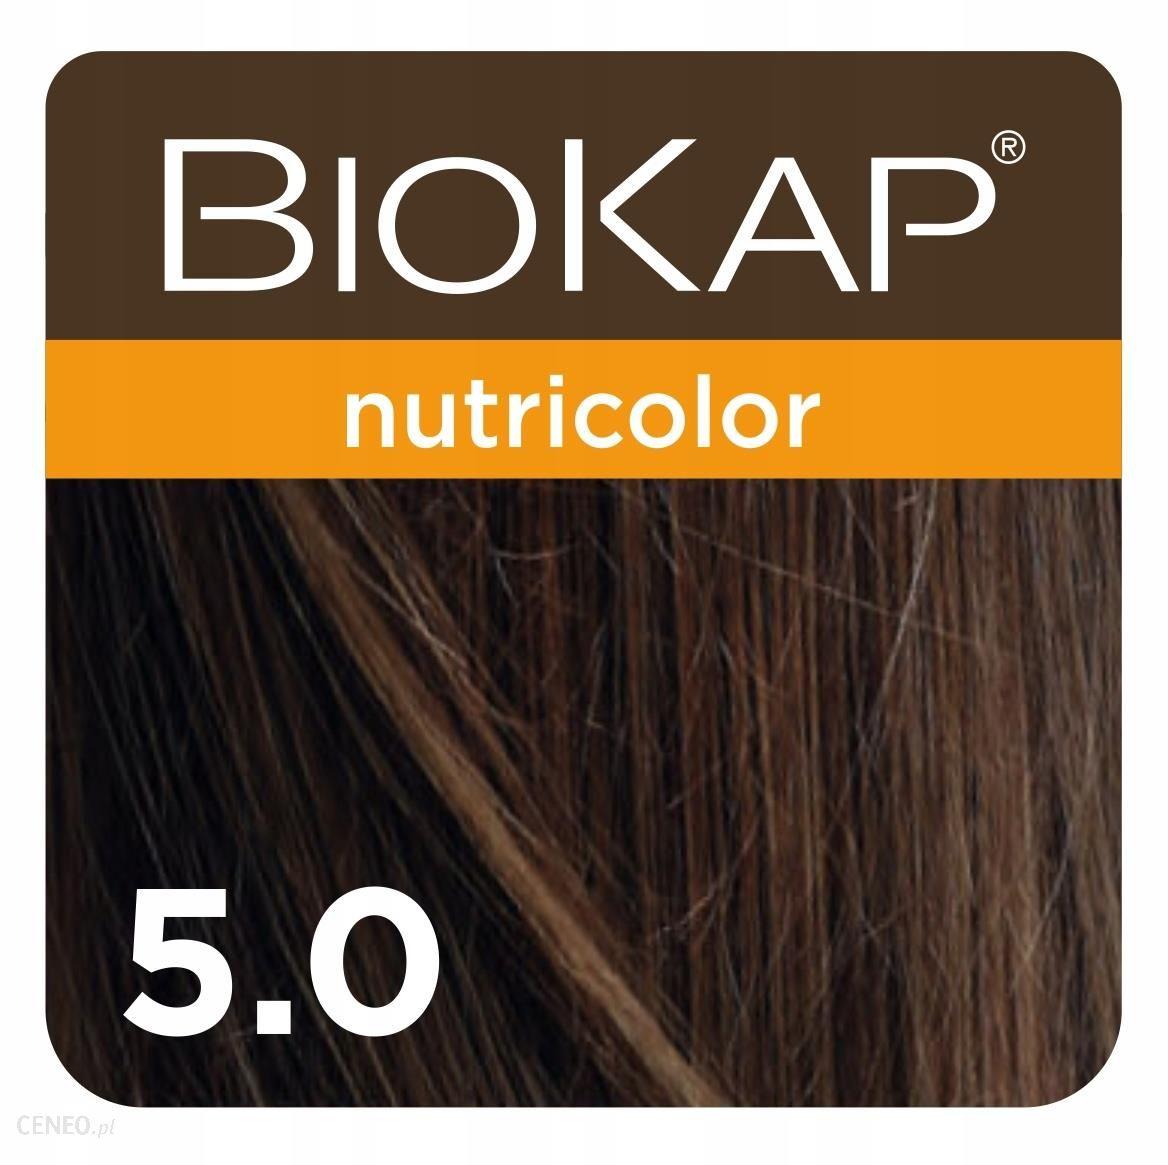 Biokap Nutricolor Farba Koloryzująca Do Włosów Kolor 5.0 Jasny Brąz 140ml